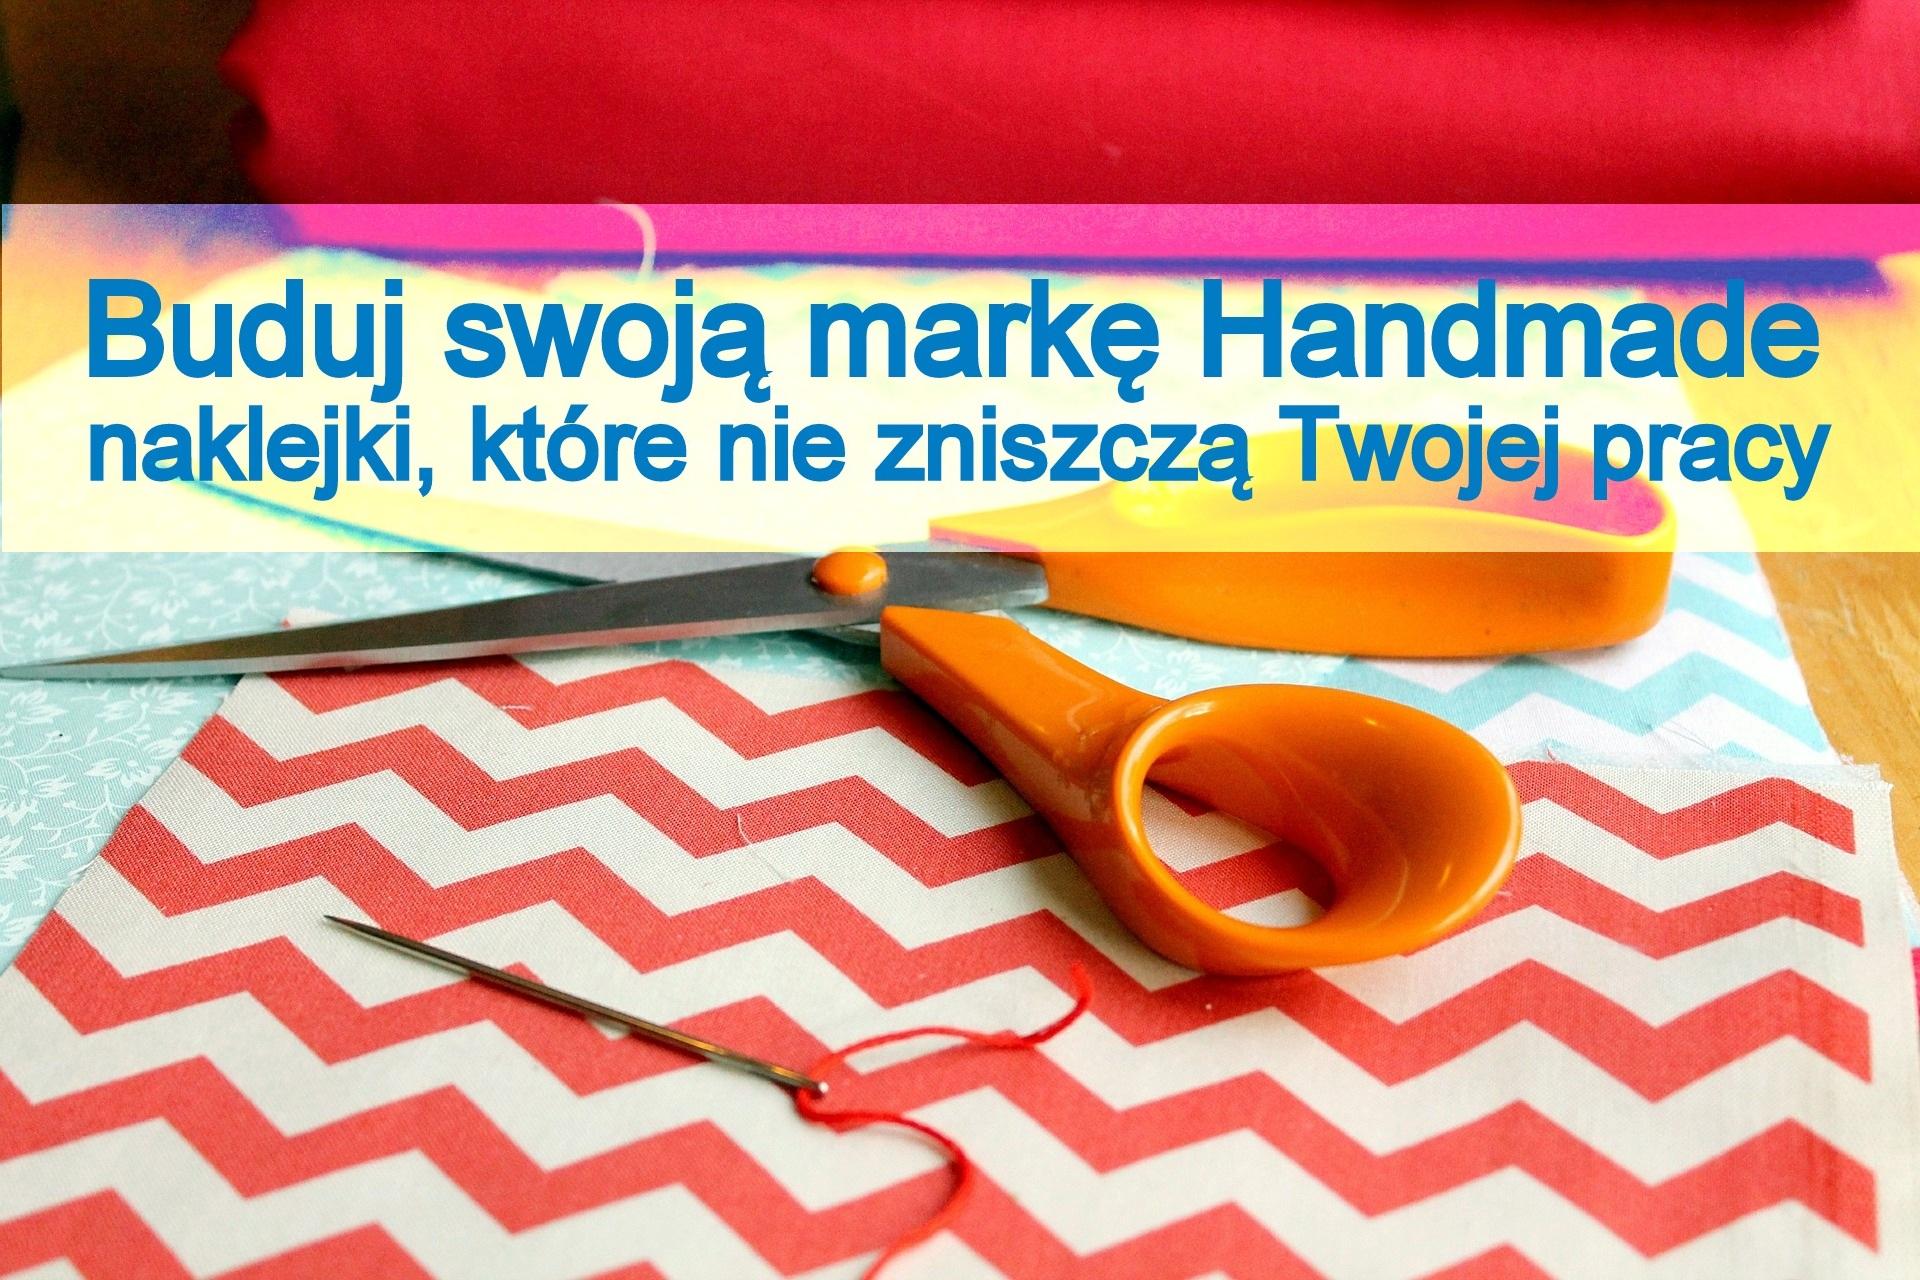 Buduj swoją markę Handmade – naklejki, które nie zniszczą Twojej pracy